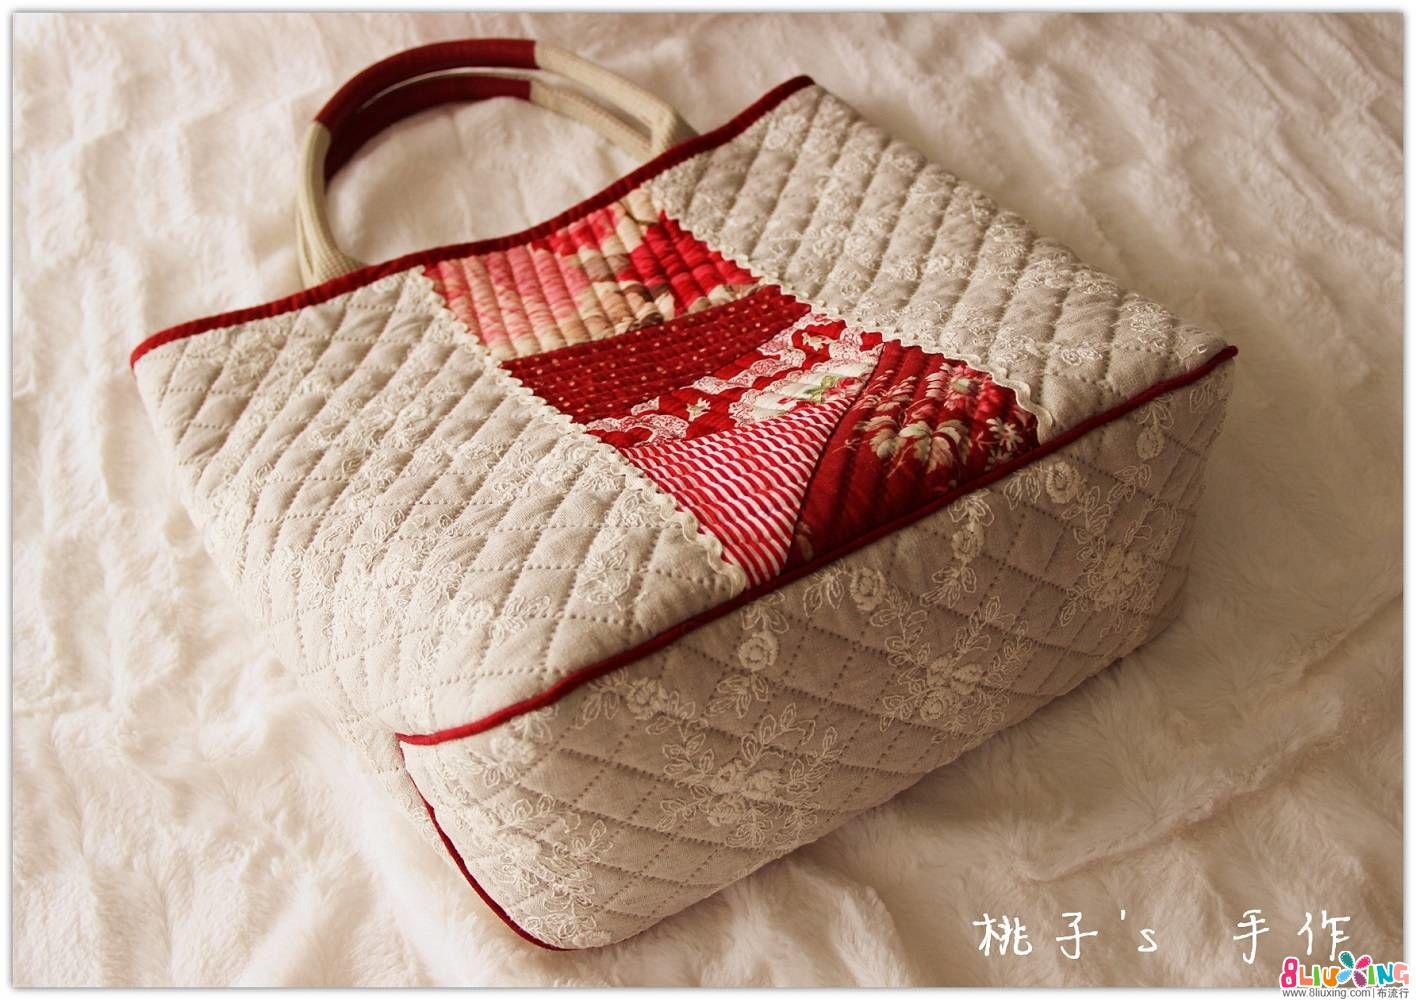 『桃子's手作』向野早苗老师 玫瑰情缘拼布包